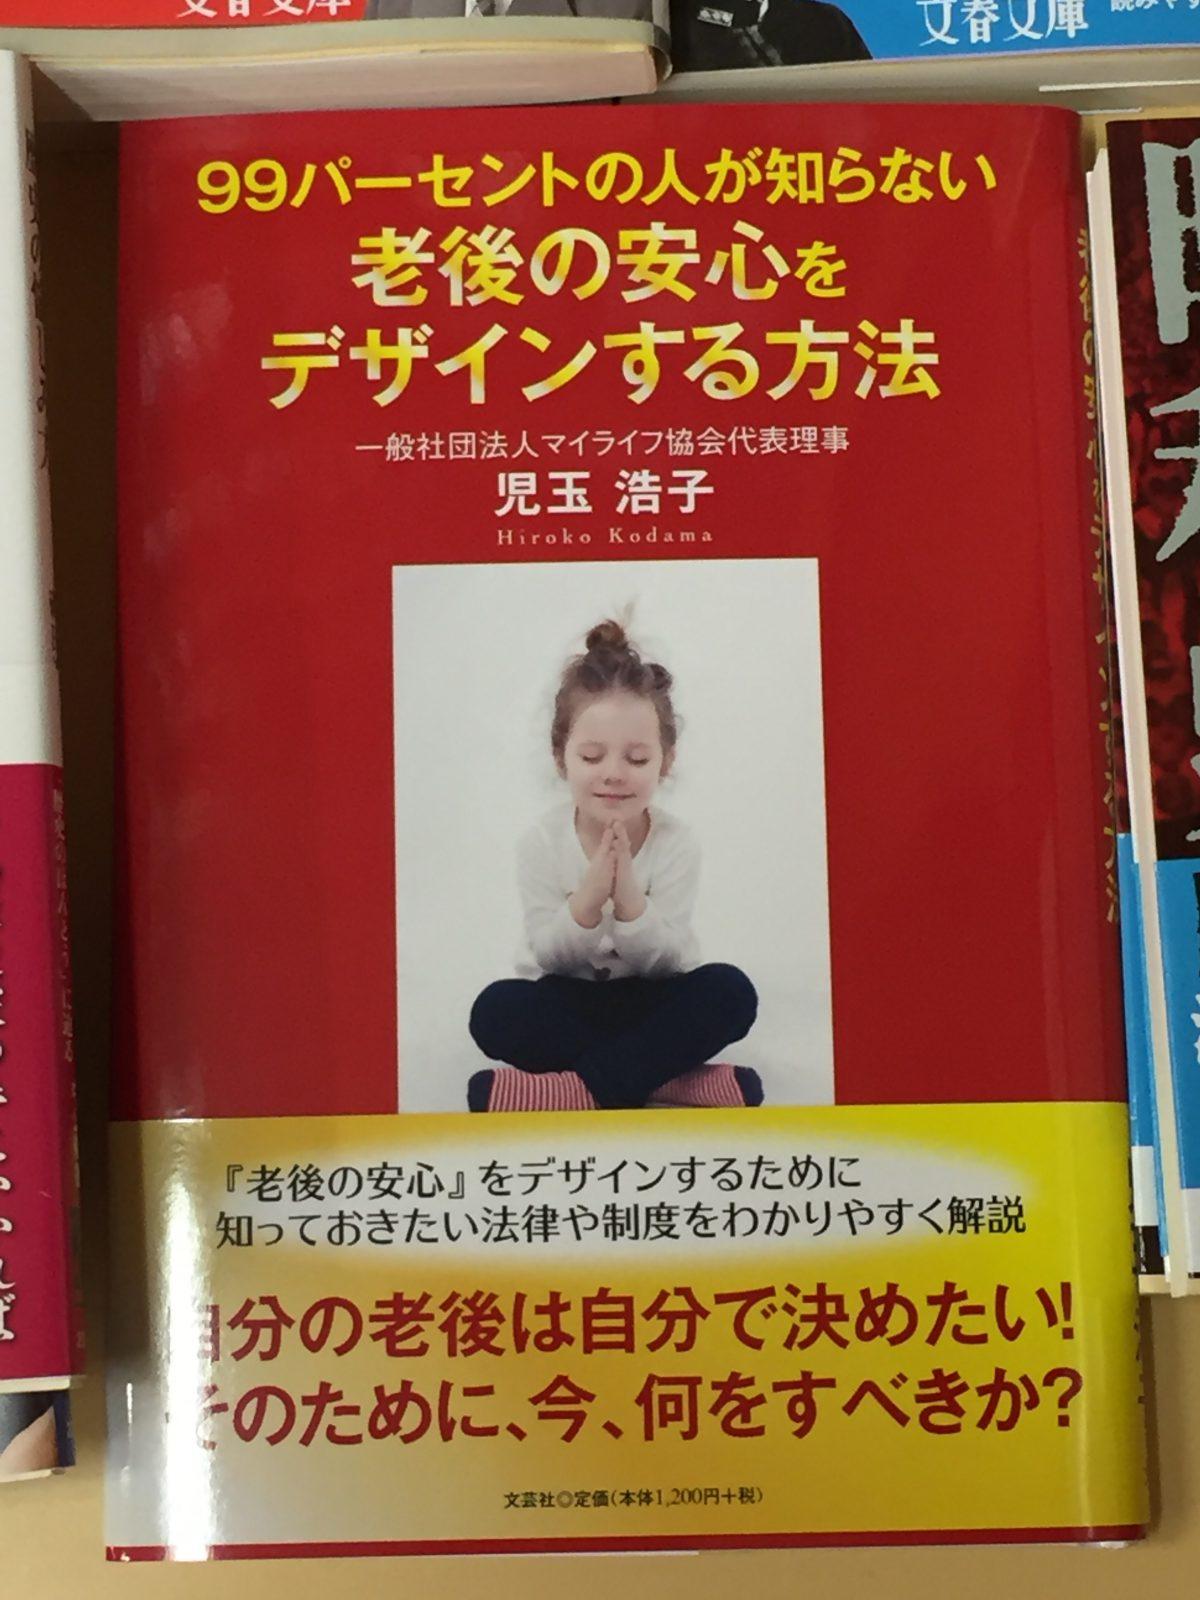 読売新聞3月11日付朝刊「安心の設計」で紹介されました!